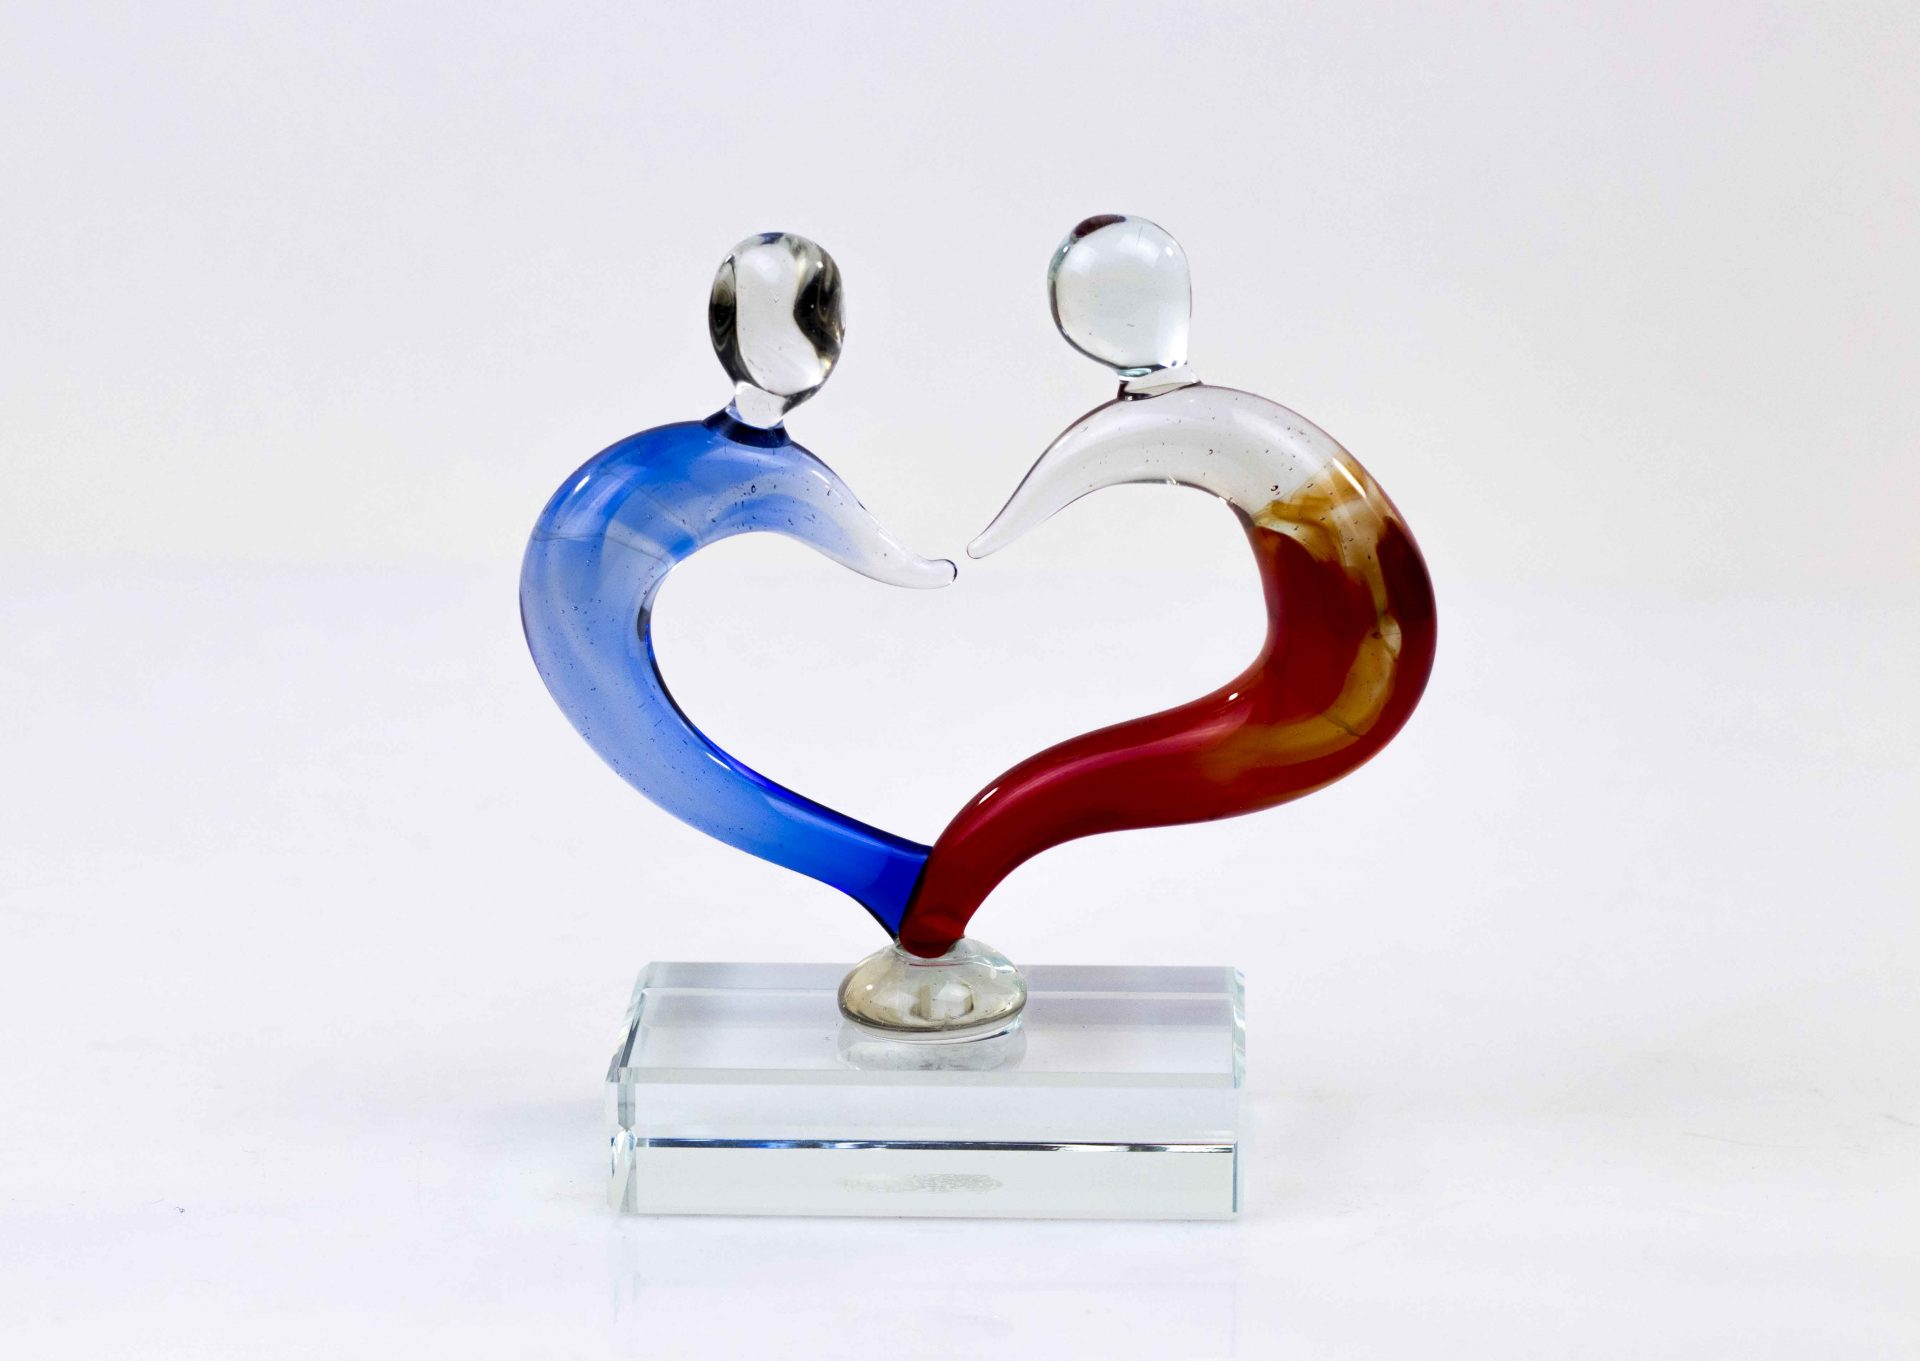 'Love' Glazen Beeld in Rood en Blauw